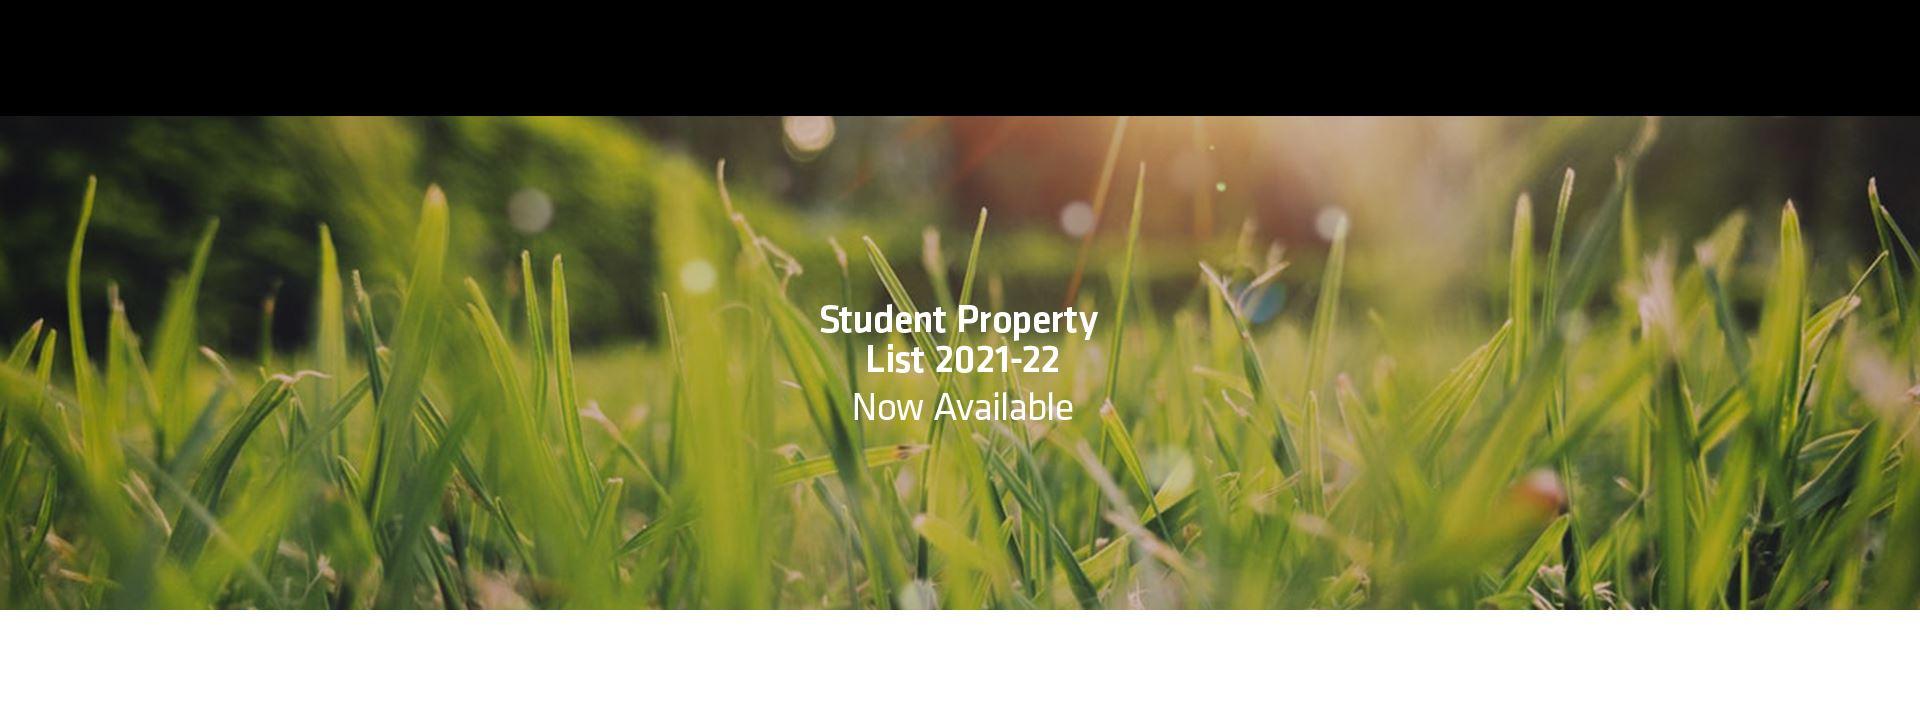 Student Properties 21-22